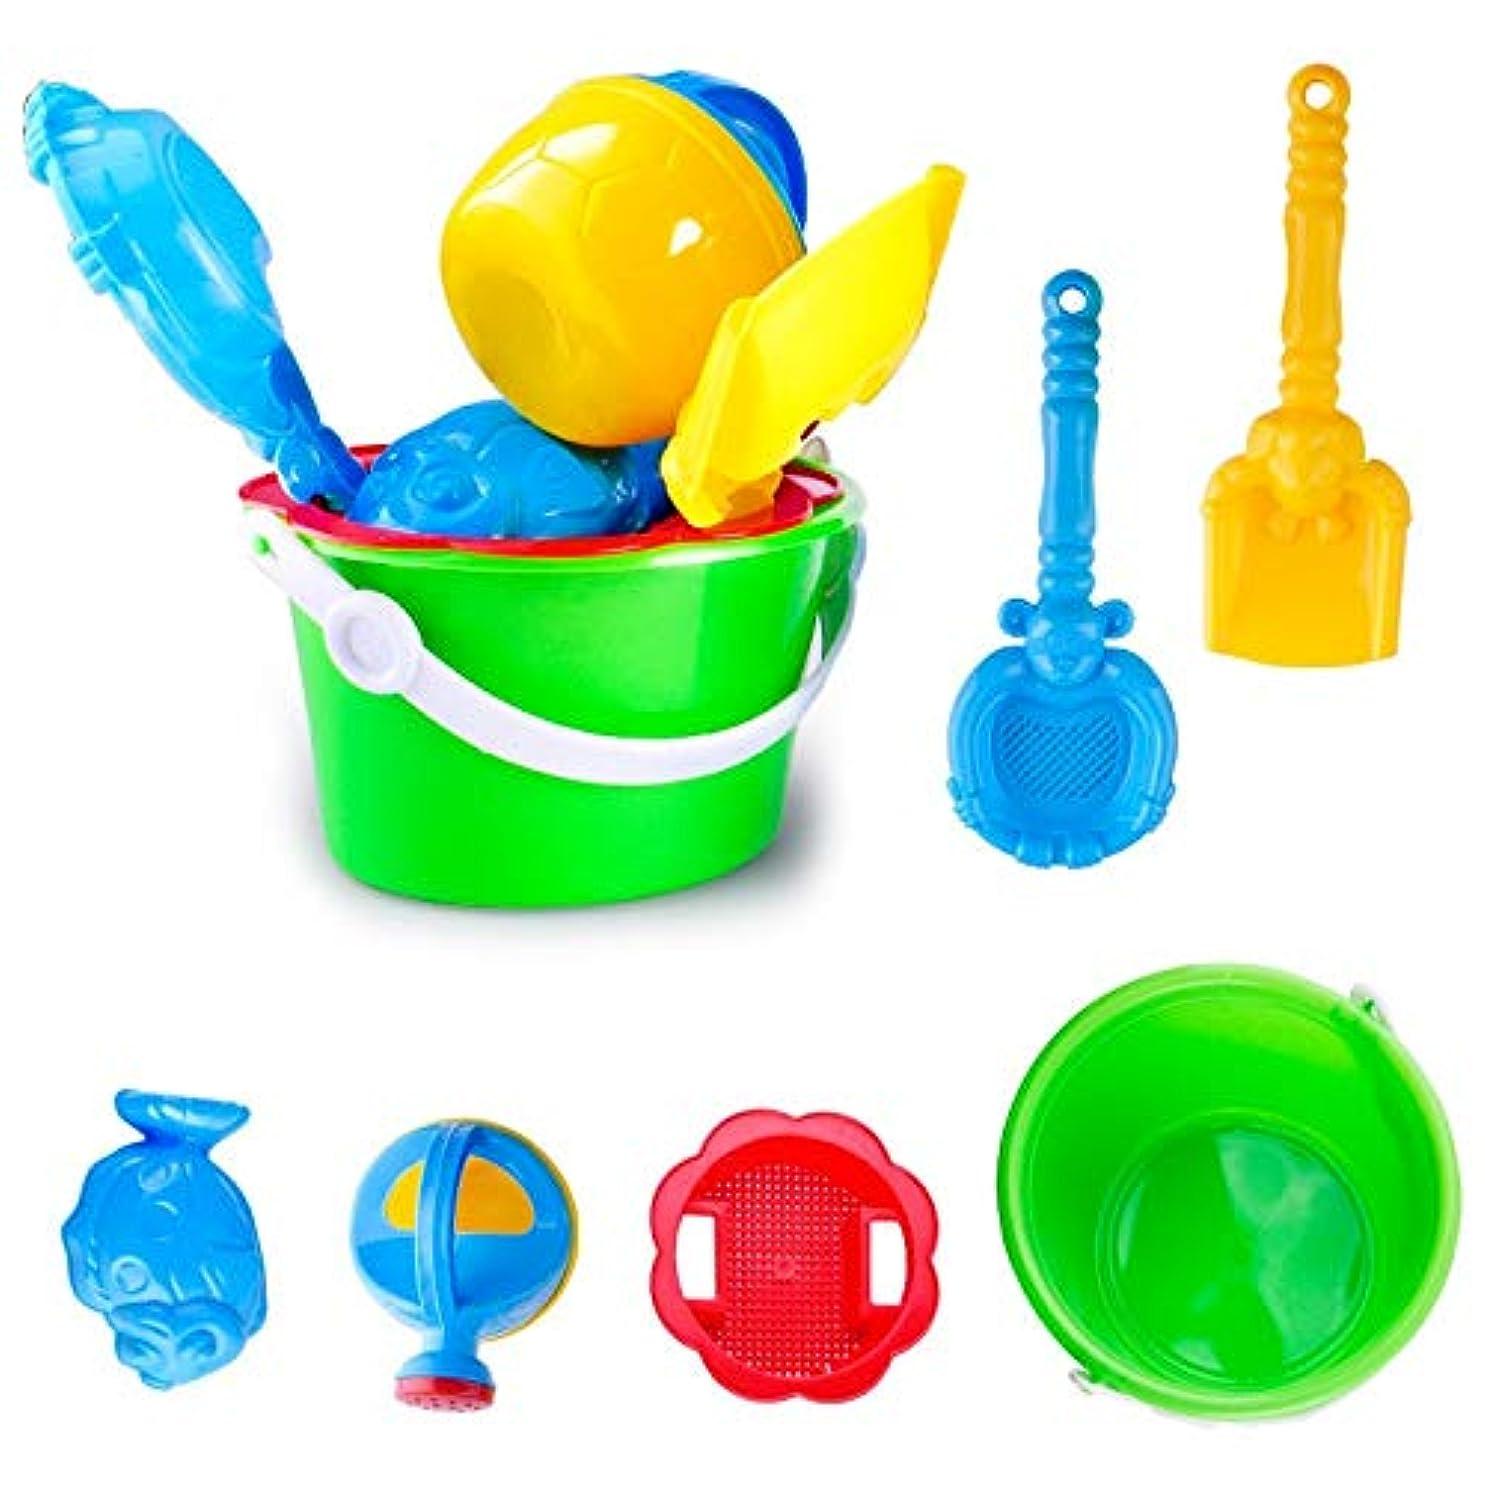 提出するの中で特別なCetengkeji 子供の夏の砂のおもちゃ、ビーチのおもちゃセット、知育玩具、親子玩具、柔軟、公園や海に美しい思い出を残す ( Style : 2 )